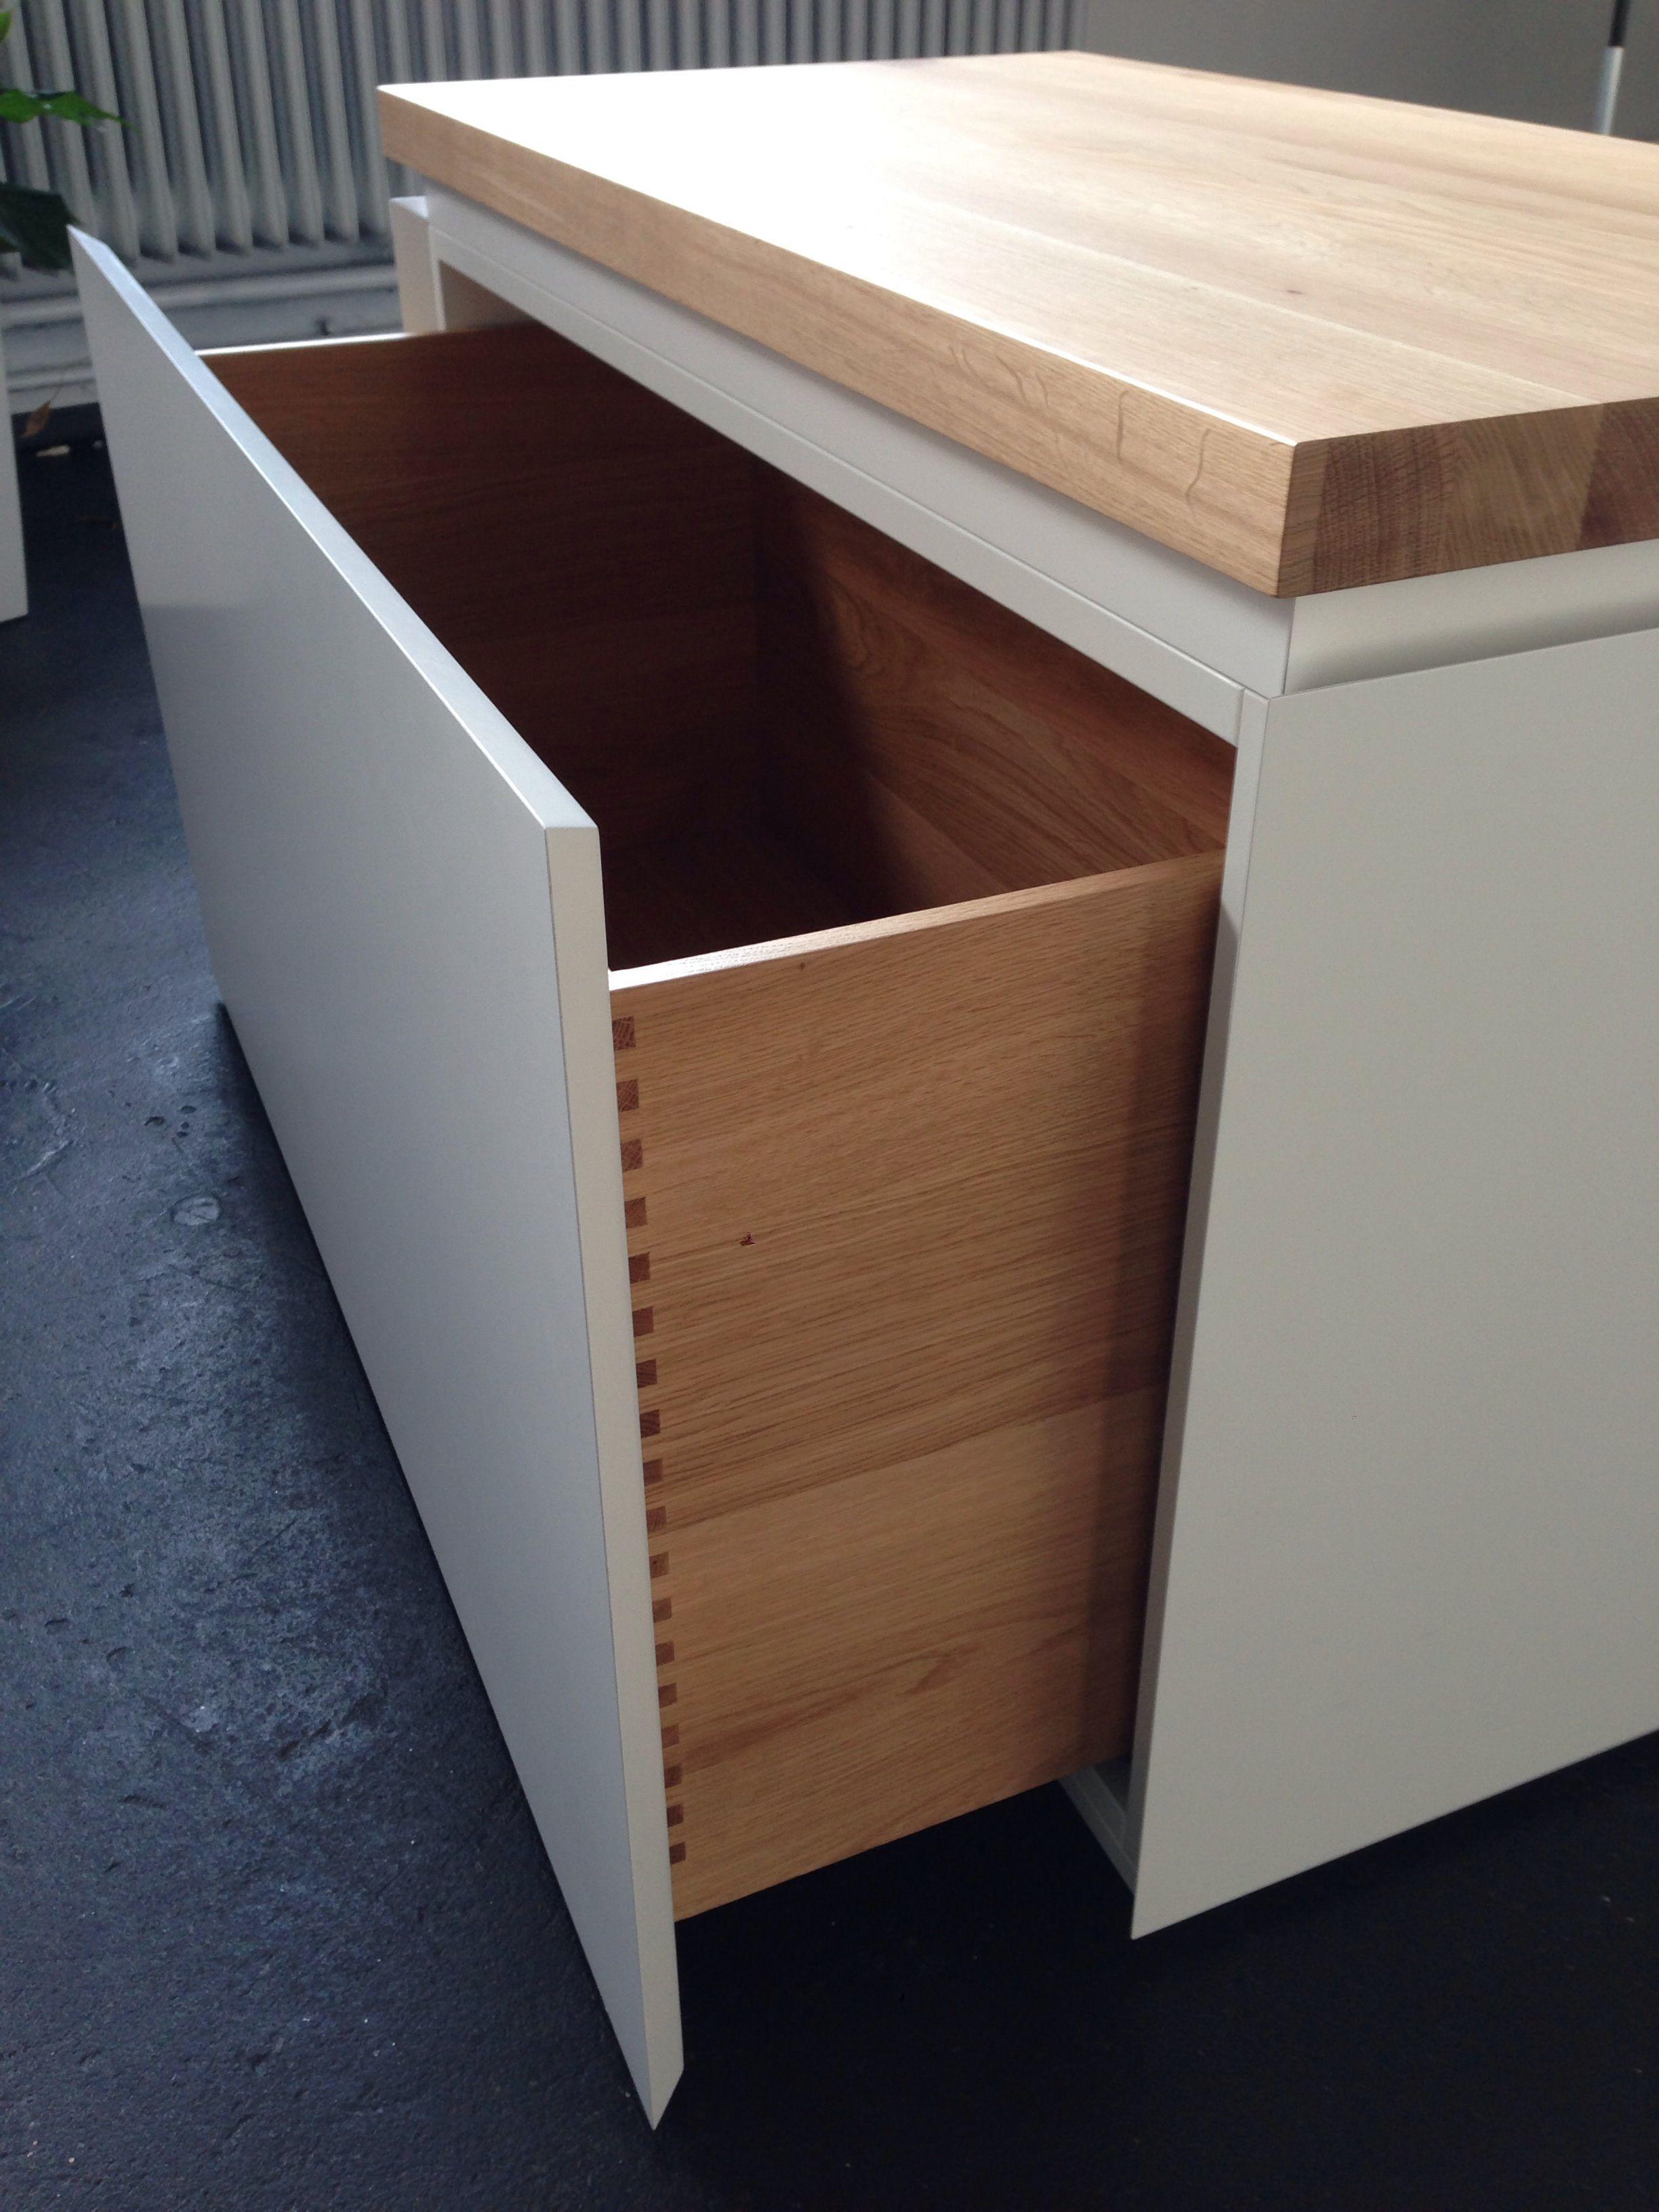 unsere ma gefertigte sitzbank bietet stauraum f r schuhe. Black Bedroom Furniture Sets. Home Design Ideas